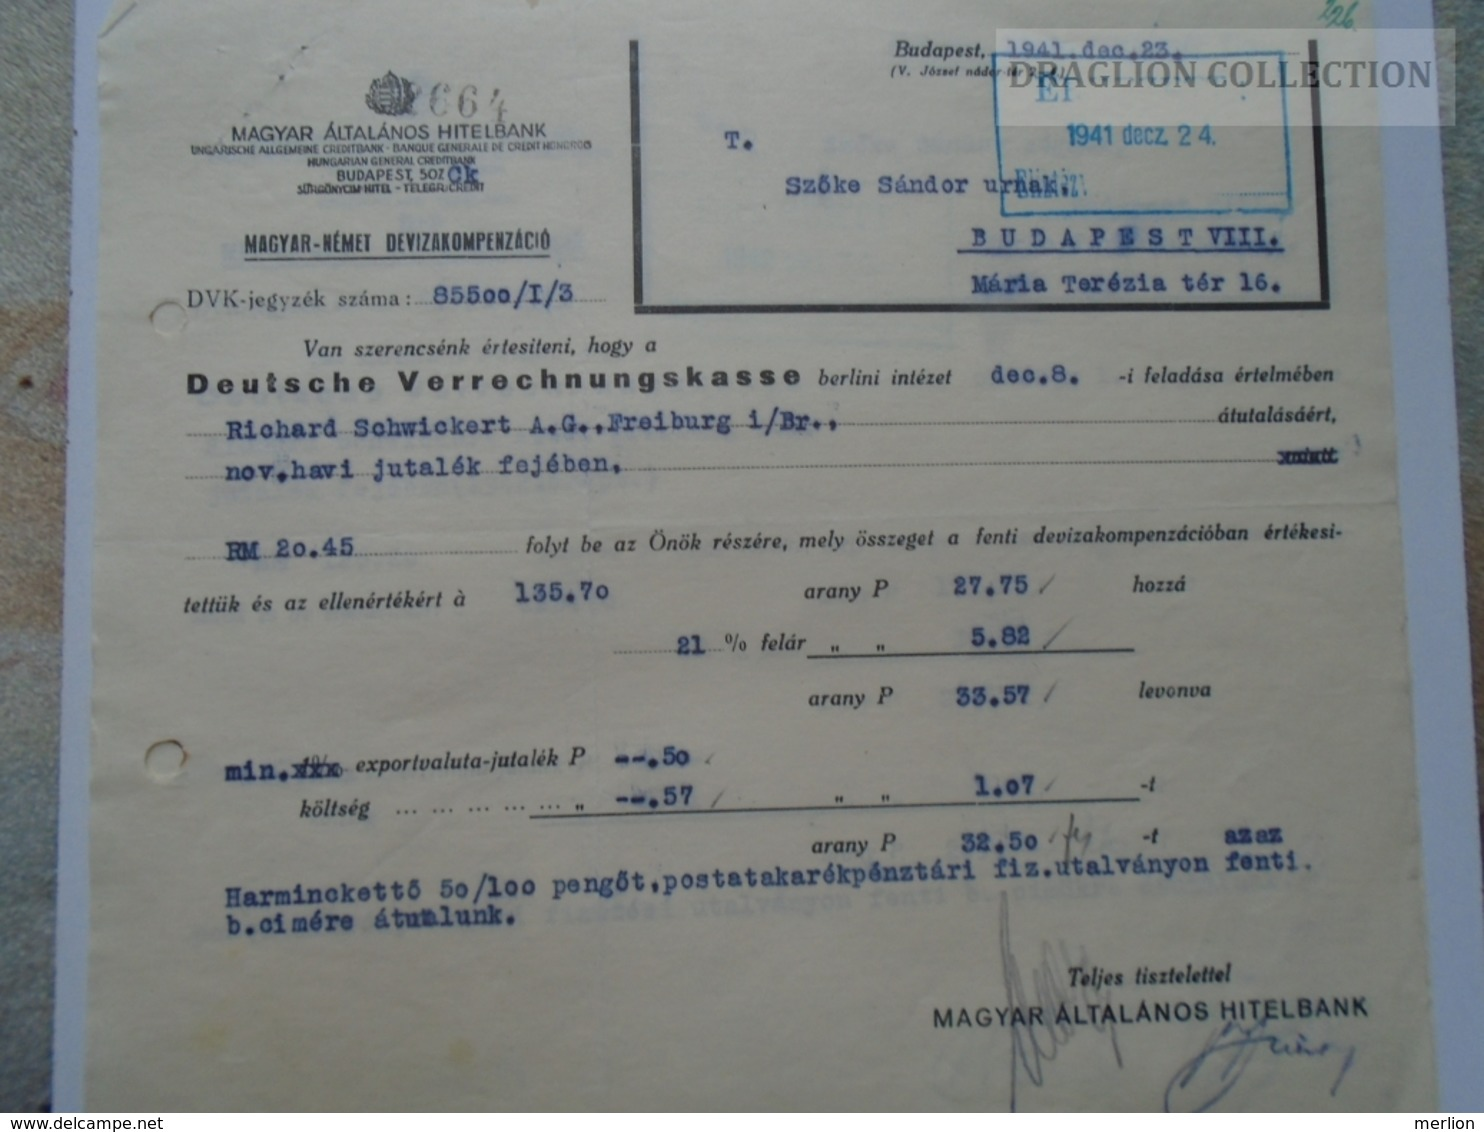 ZA192.6 Magyar Általános Hitelbank - Magyar- Német Devizakompenzáció 1941 Budapest - Facturas & Documentos Mercantiles